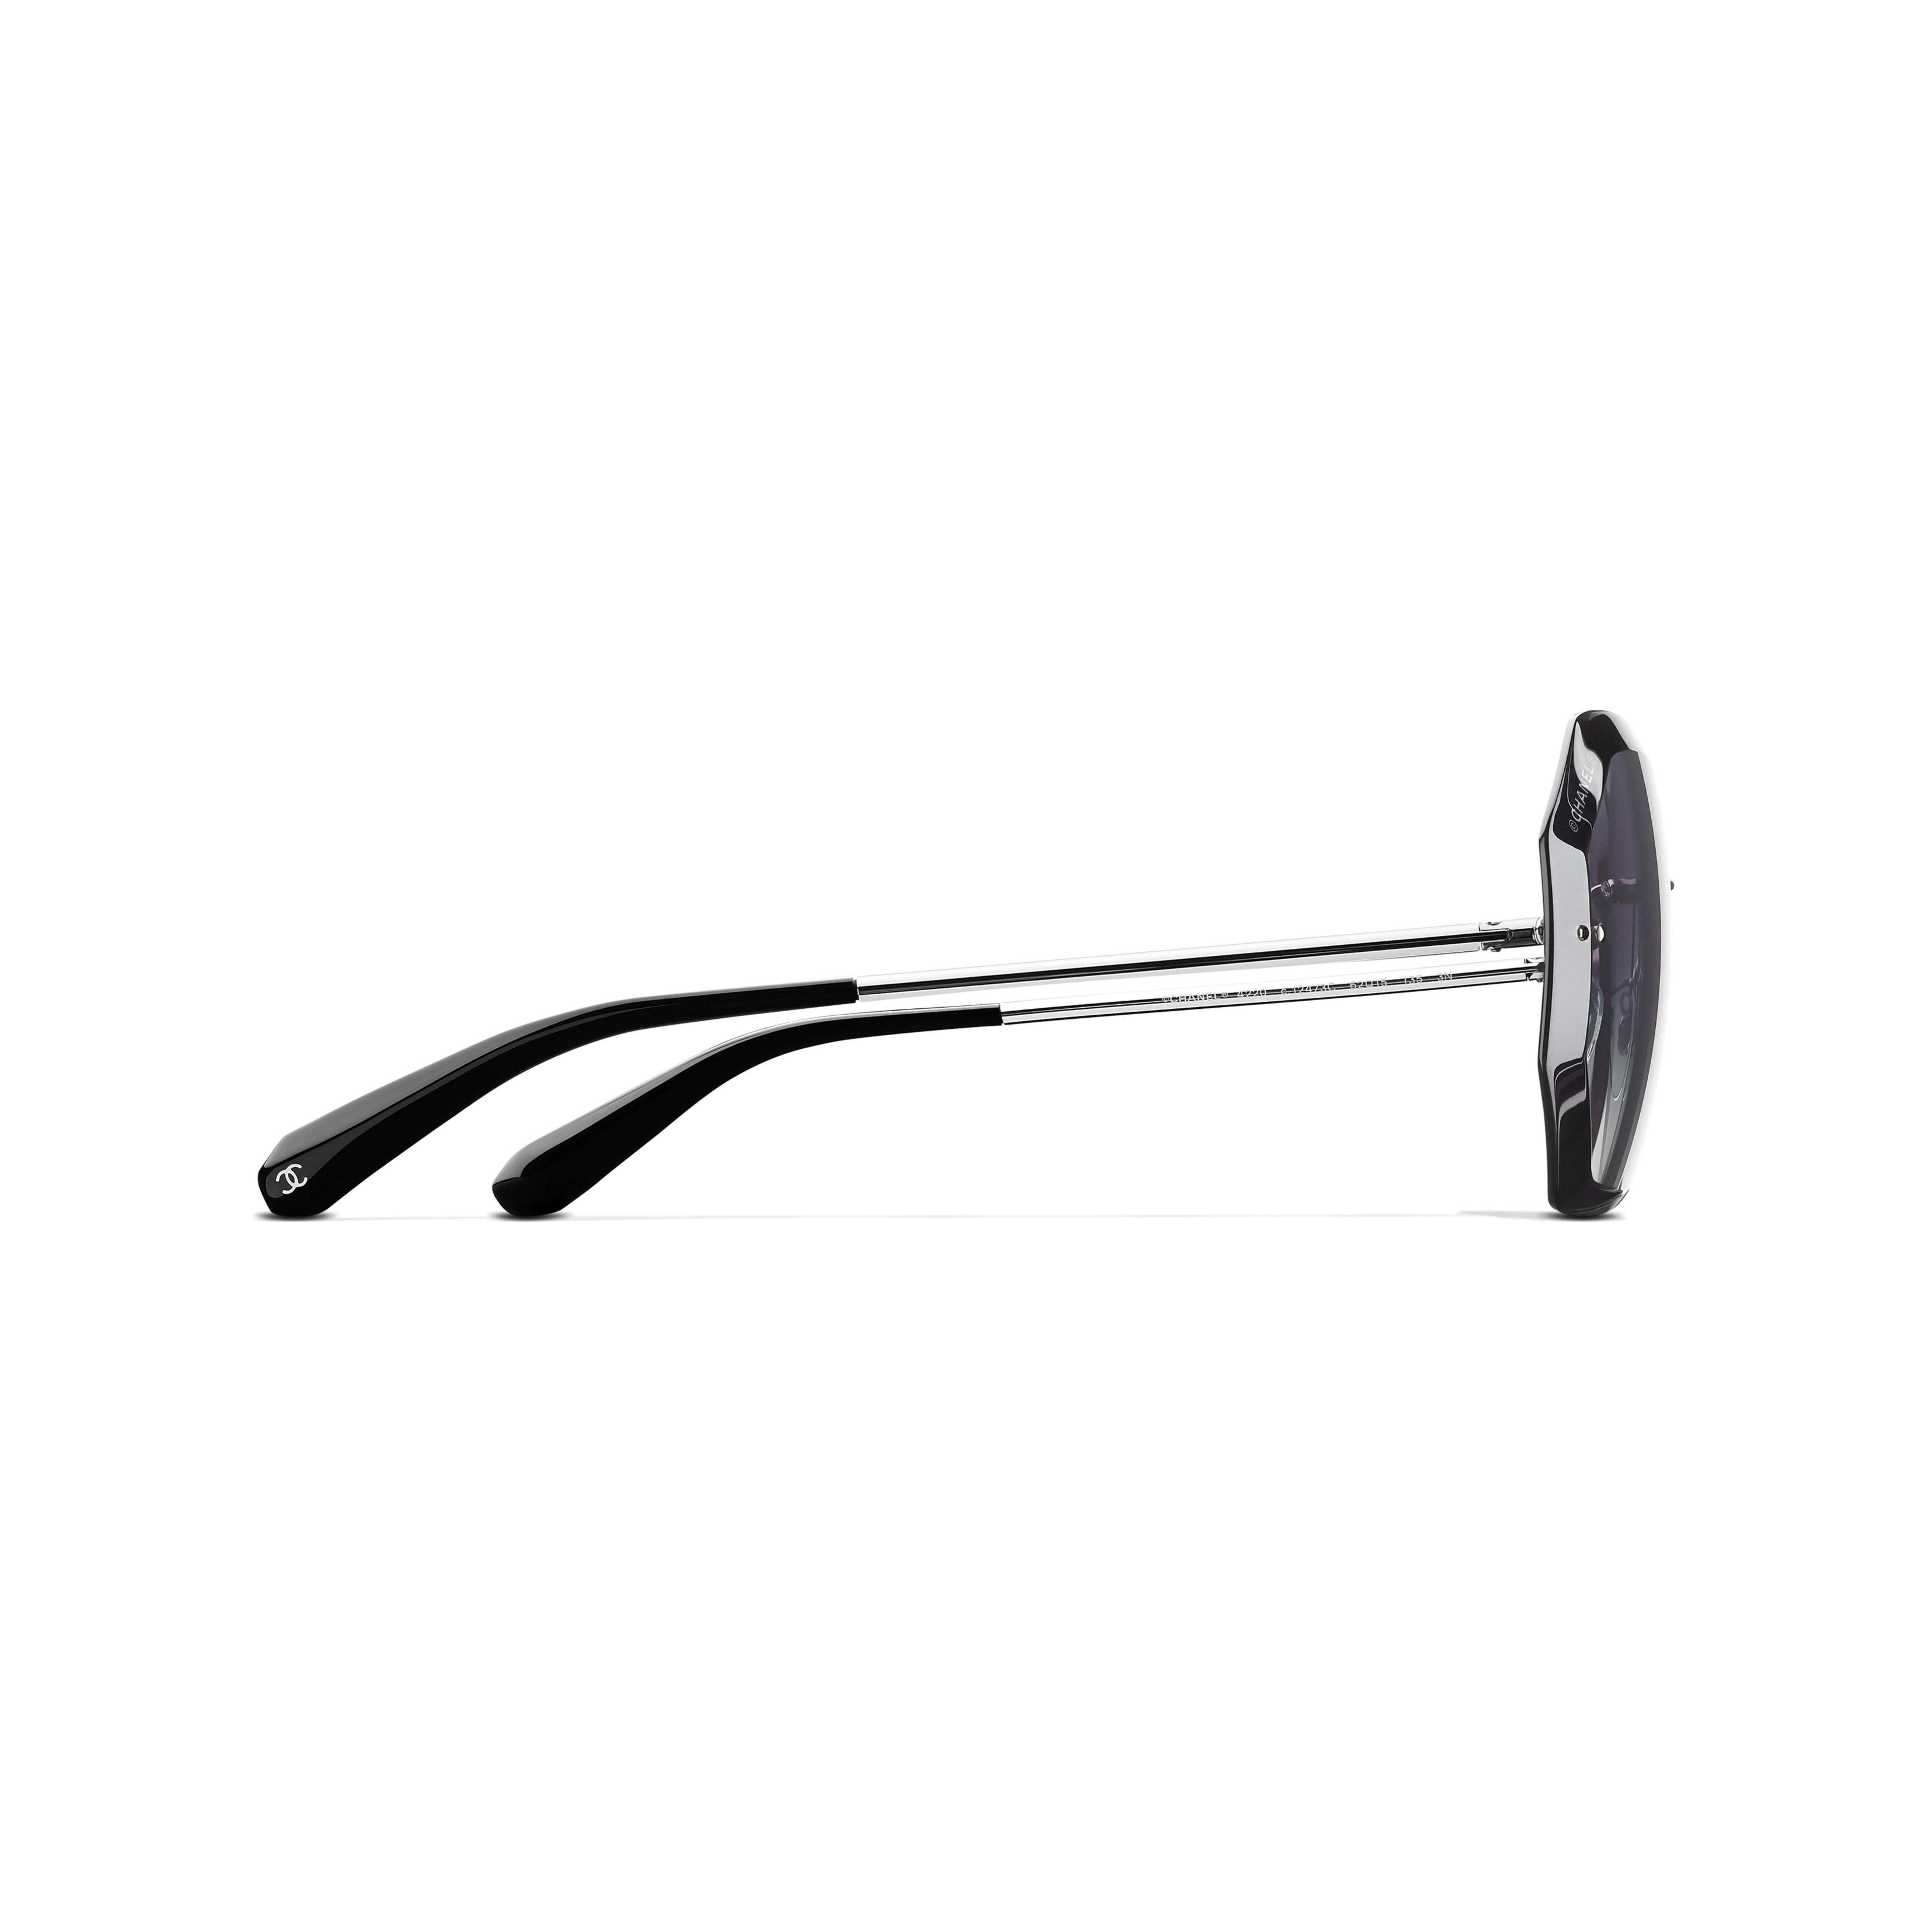 Солнцезащитные очки круглой формы - Серебристый и серый - Металл - Другое изображение - посмотреть полноразмерное изображение